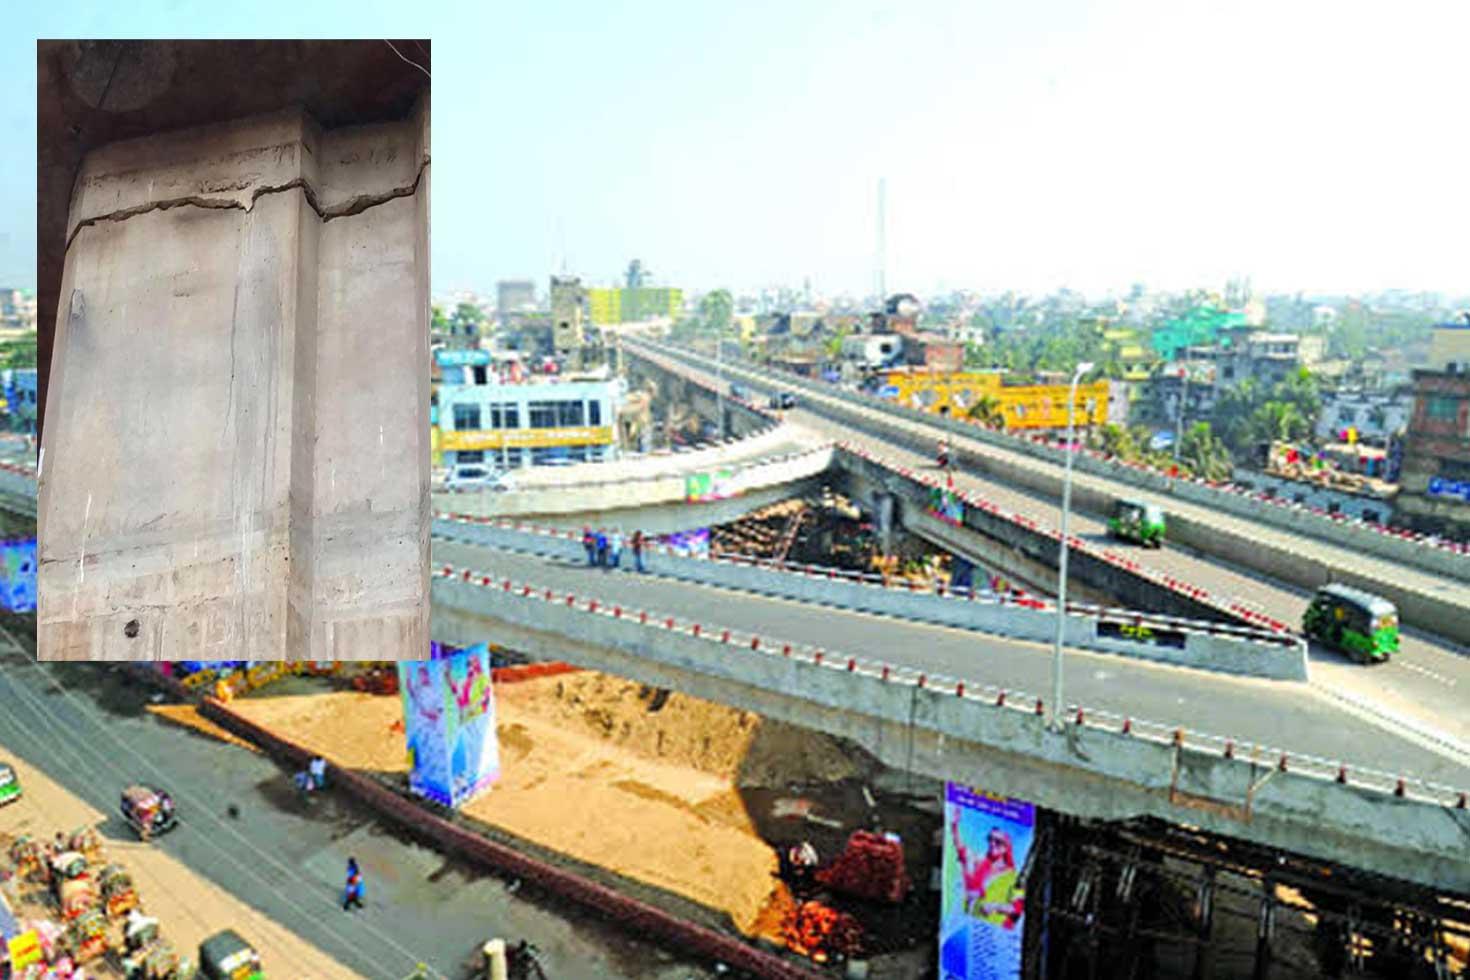 চট্টগ্রামে ফ্লাইওভারে ফাটল গুজব: প্রকল্প পরিচালক